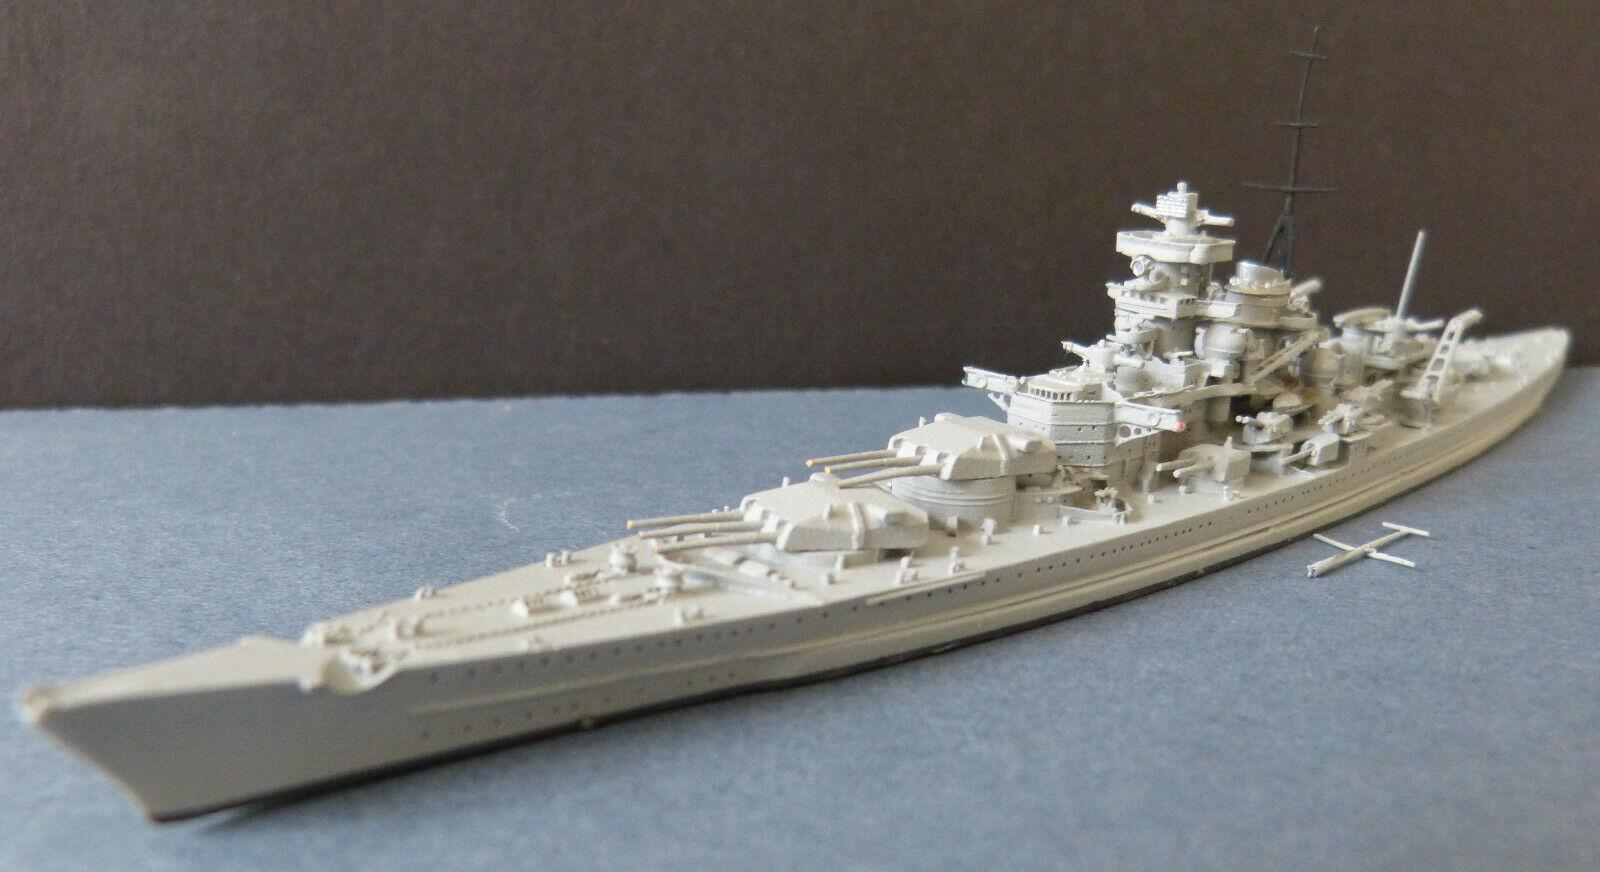 Neptun modellolo in Mettuttio  No. 1004 a 1 1250  Nave da Guerra Gneisenau  2. Wk